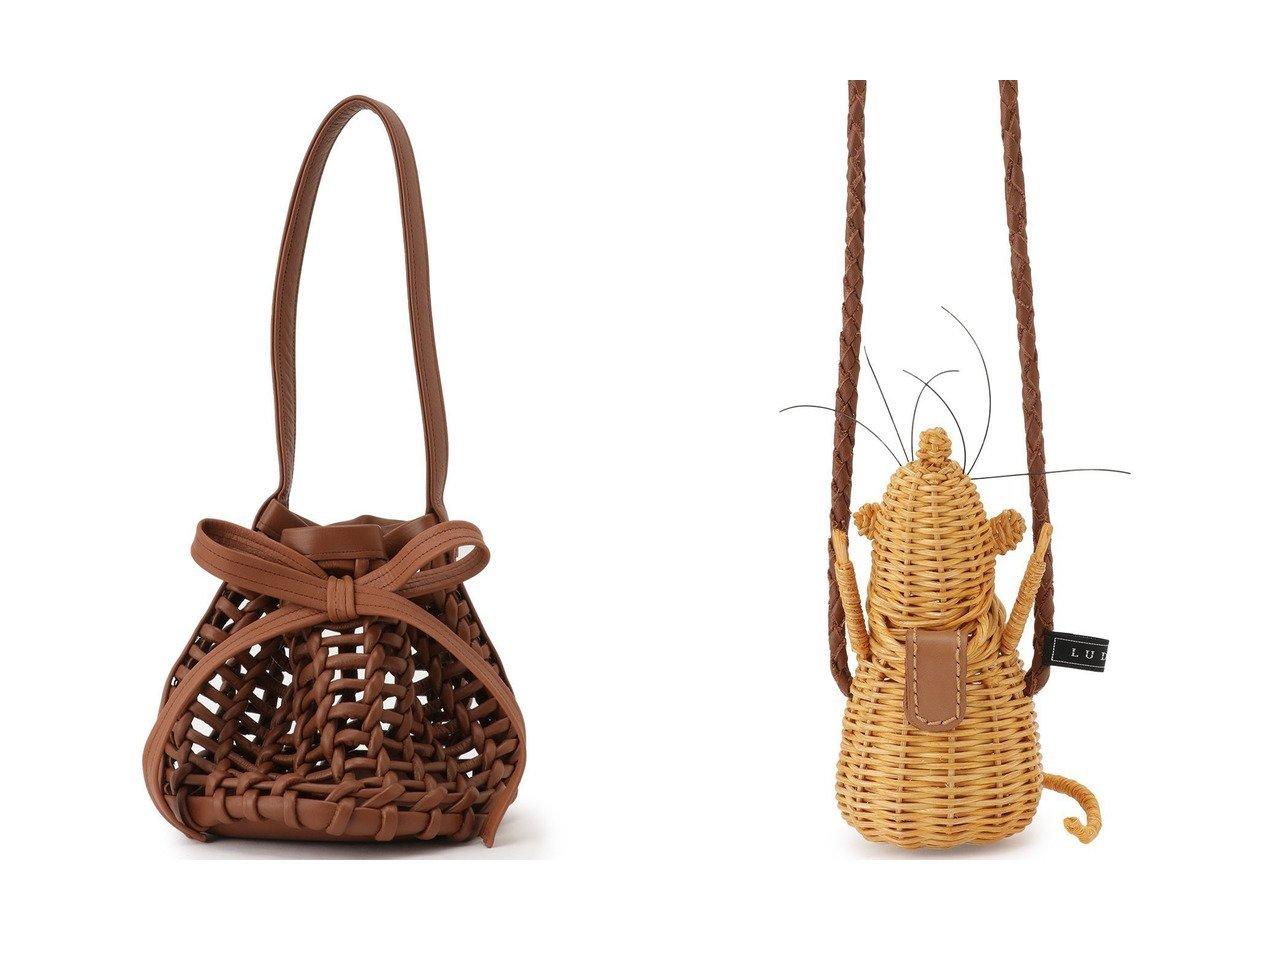 【LUDLOW/ラドロー】のウーブンレザーバスケット&マウスミニポシェット おすすめ!人気、トレンド・レディースファッションの通販  おすすめで人気の流行・トレンド、ファッションの通販商品 メンズファッション・キッズファッション・インテリア・家具・レディースファッション・服の通販 founy(ファニー) https://founy.com/ ファッション Fashion レディースファッション WOMEN 2020年 2020 2020-2021 秋冬 A/W AW Autumn/Winter / FW Fall-Winter 2020-2021 2021年 2021 2021 春夏 S/S SS Spring/Summer 2021 なめらか コンパクト バスケット 春 Spring A/W 秋冬 AW Autumn/Winter / FW Fall-Winter |ID:crp329100000012150